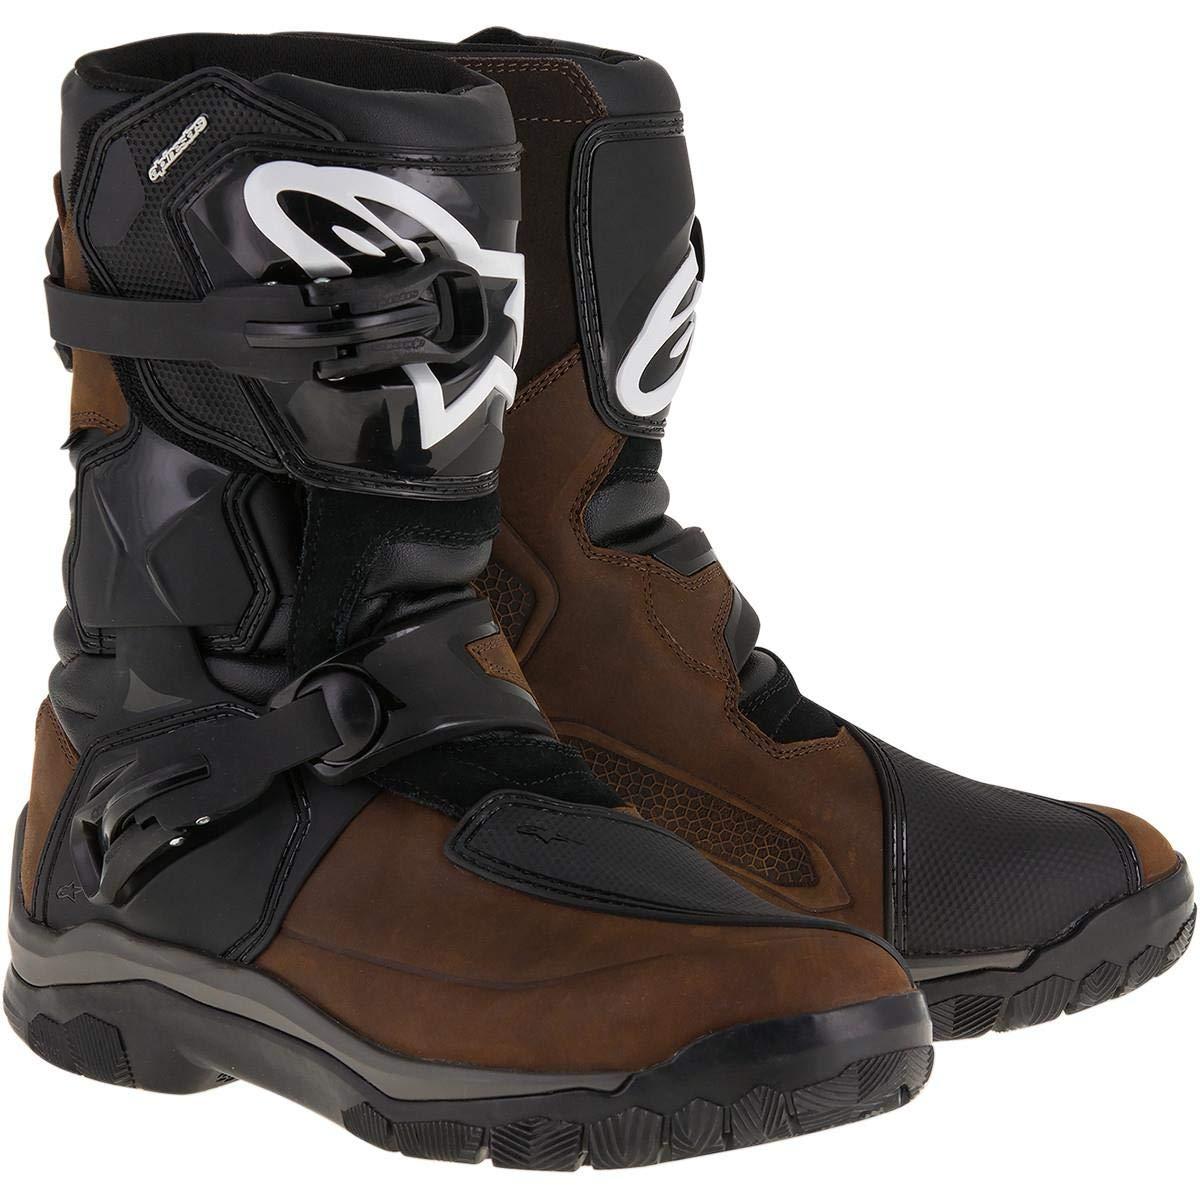 Alpinestars Belize Drystar Boots (10) (BROWN) 2047317-82-10-WPS